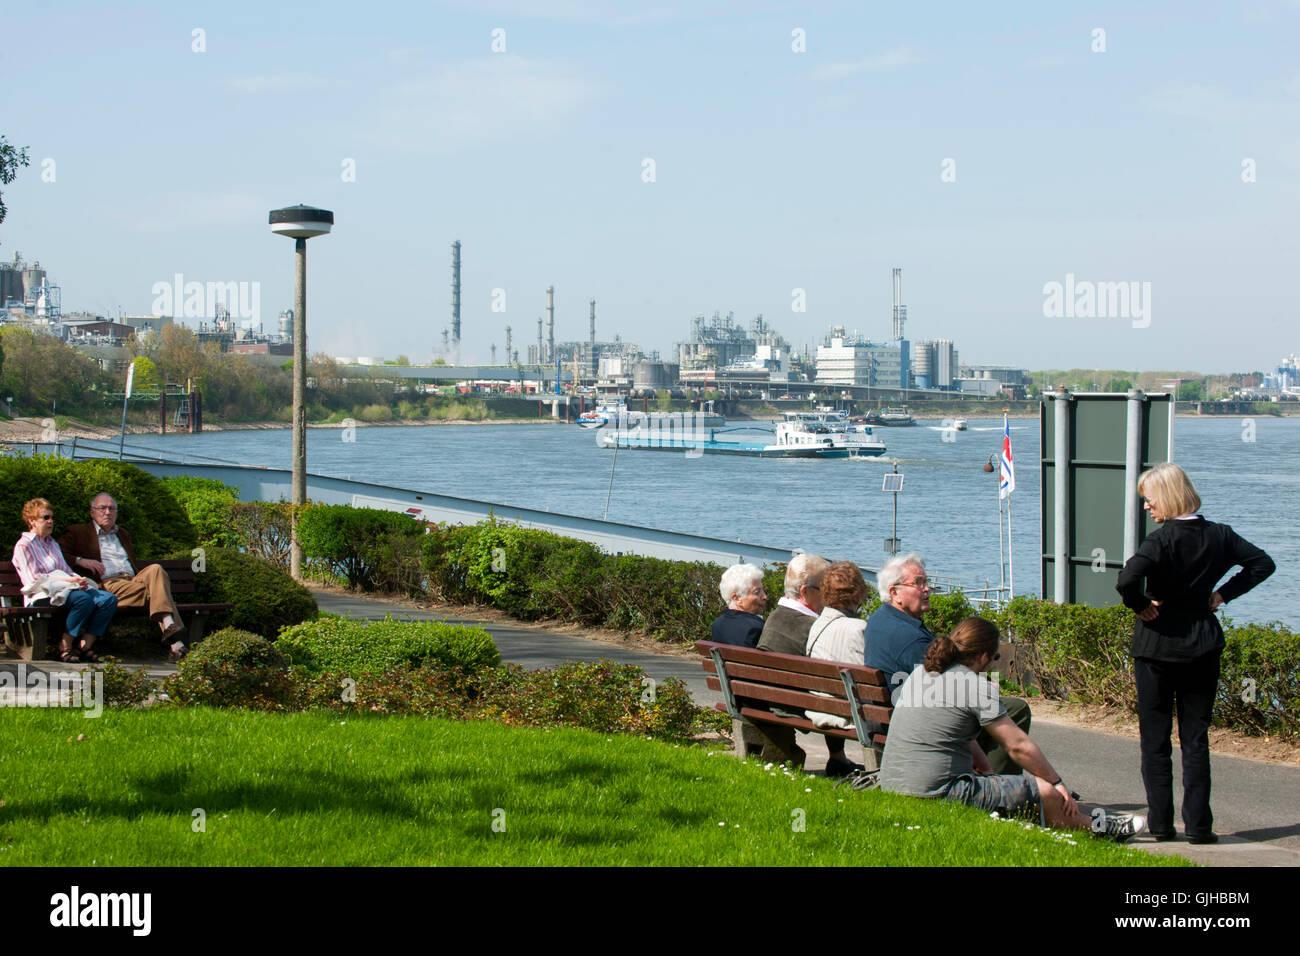 BRD, Deutschland, NRW, Wesseling, Park am Rheinufer - Stock Image